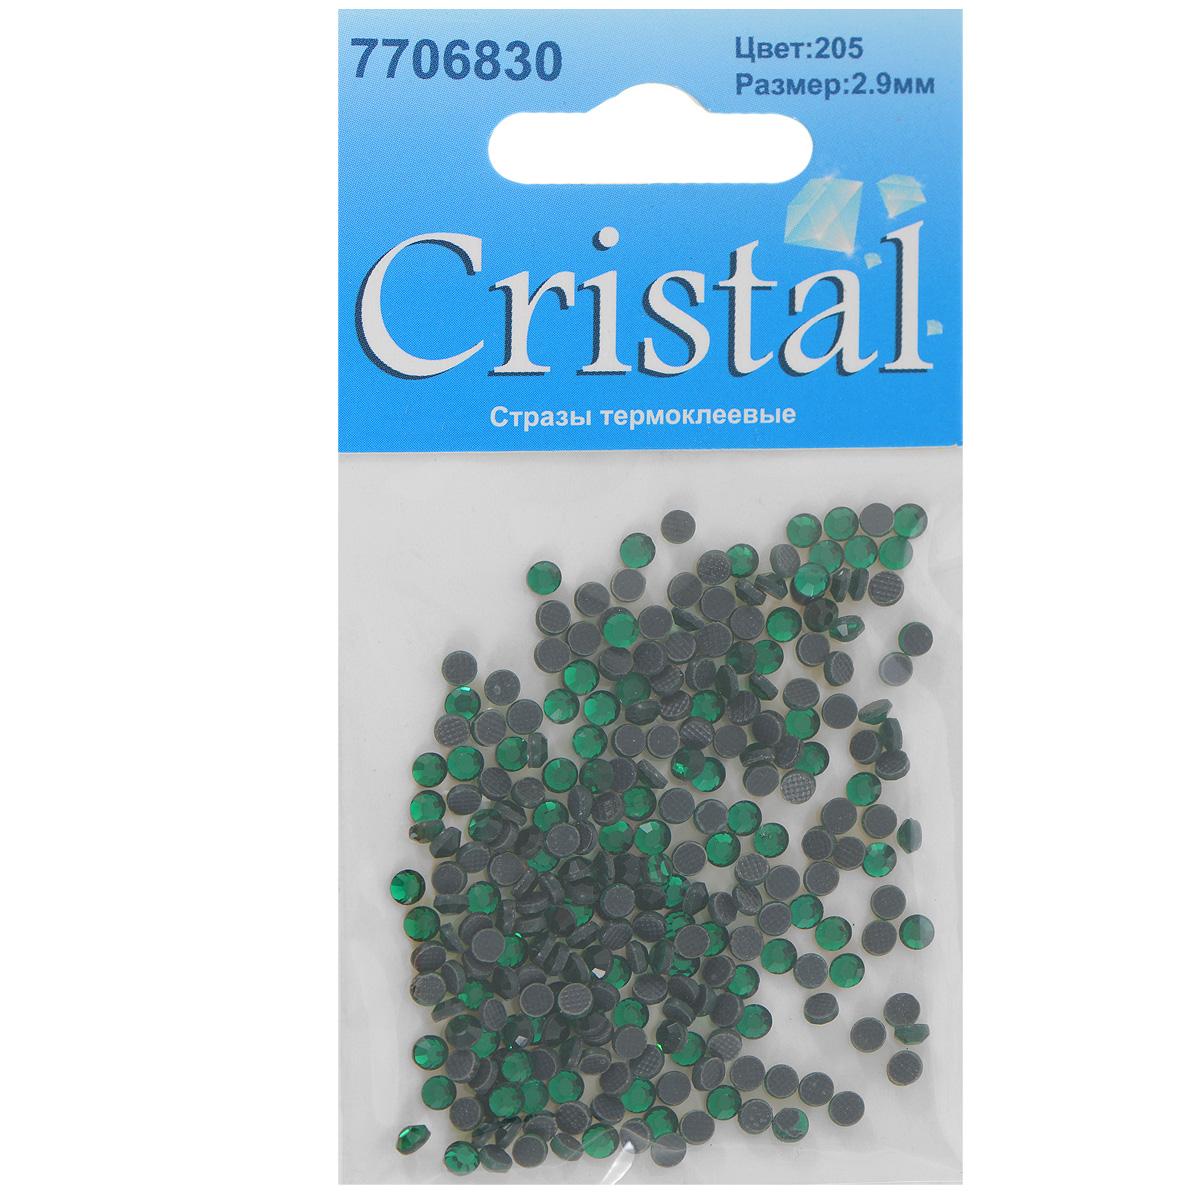 Стразы термоклеевые Cristal, цвет: зеленый (205), диаметр 2,9 мм, 288 шт7706830_205Набор термоклеевых страз Cristal, изготовленный из высококачественного акрила, позволит вам украсить одежду, аксессуары или текстиль. Яркие стразы имеют плоское дно и круглую поверхность с гранями. Дно термоклеевых страз уже обработано особым клеем, который под воздействием высоких температур начинает плавиться, приклеиваясь, таким образом, к требуемой поверхности. Чаще всего их используют в текстильной промышленности: стразы прикладывают к ткани и проглаживают утюгом с обратной стороны. Также можно использовать специальный паяльник. Украшение стразами поможет сделать любую вещь оригинальной и неповторимой. Диаметр страз: 2,9 мм.